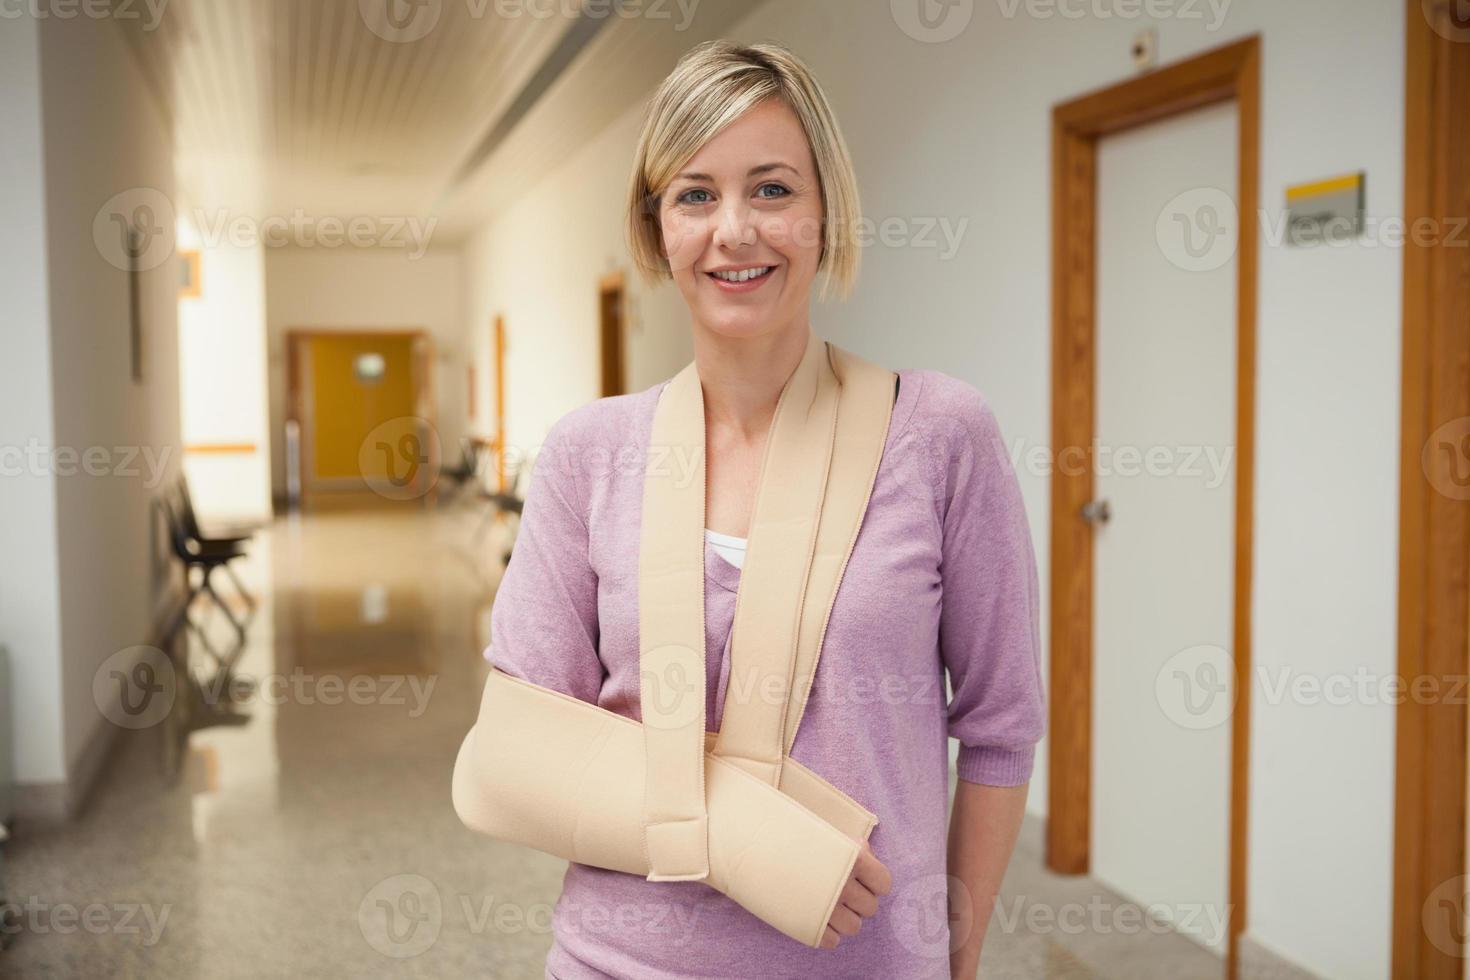 patiënt met gebroken arm foto